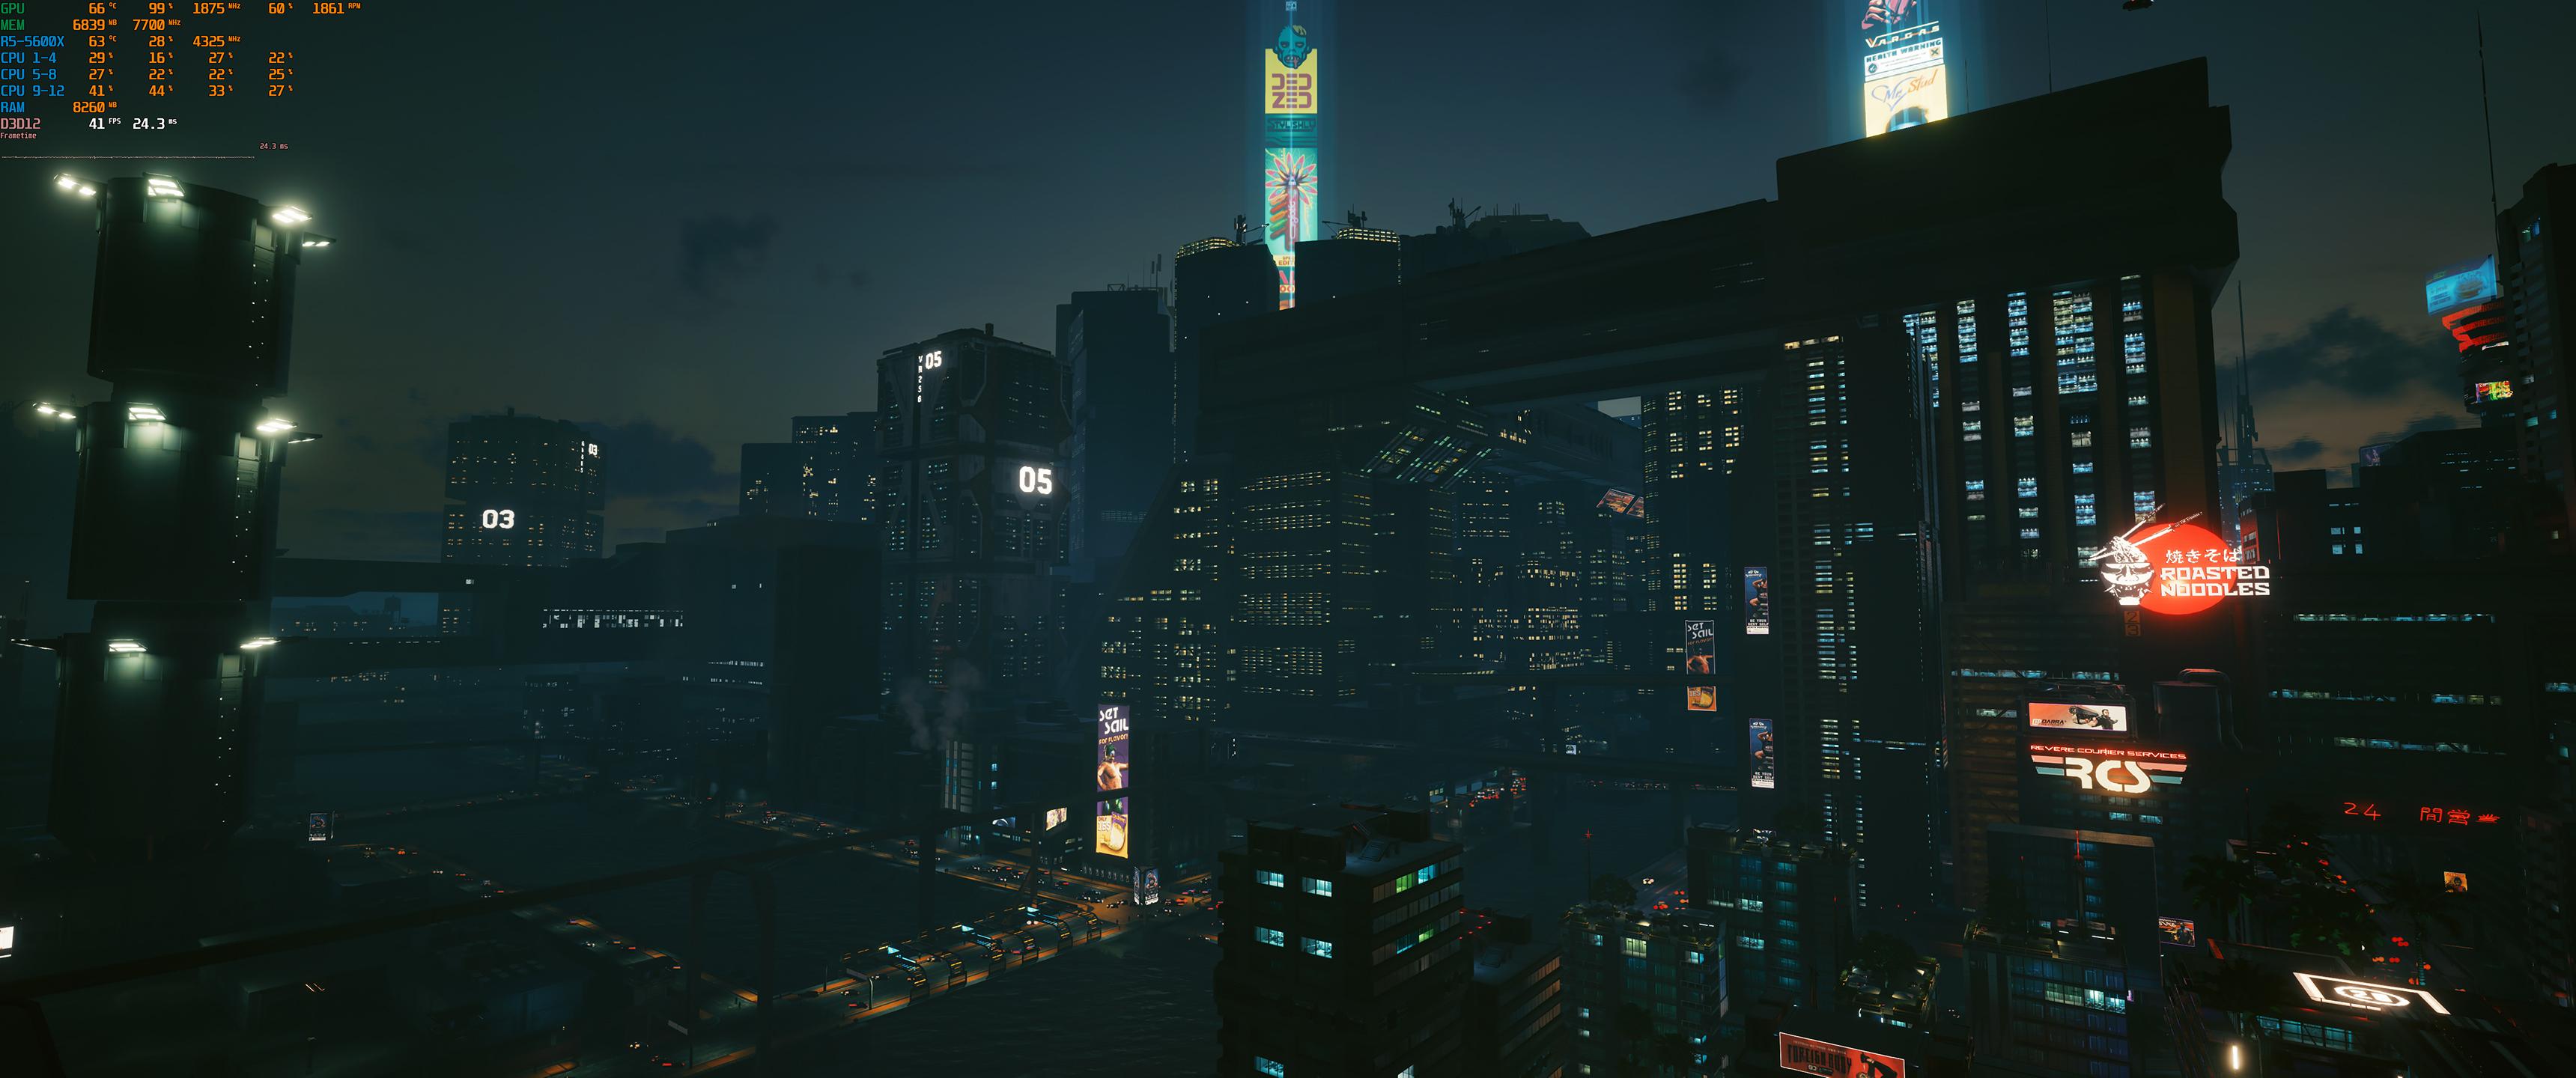 cyberpunk2077_2021_01dxk46.jpg